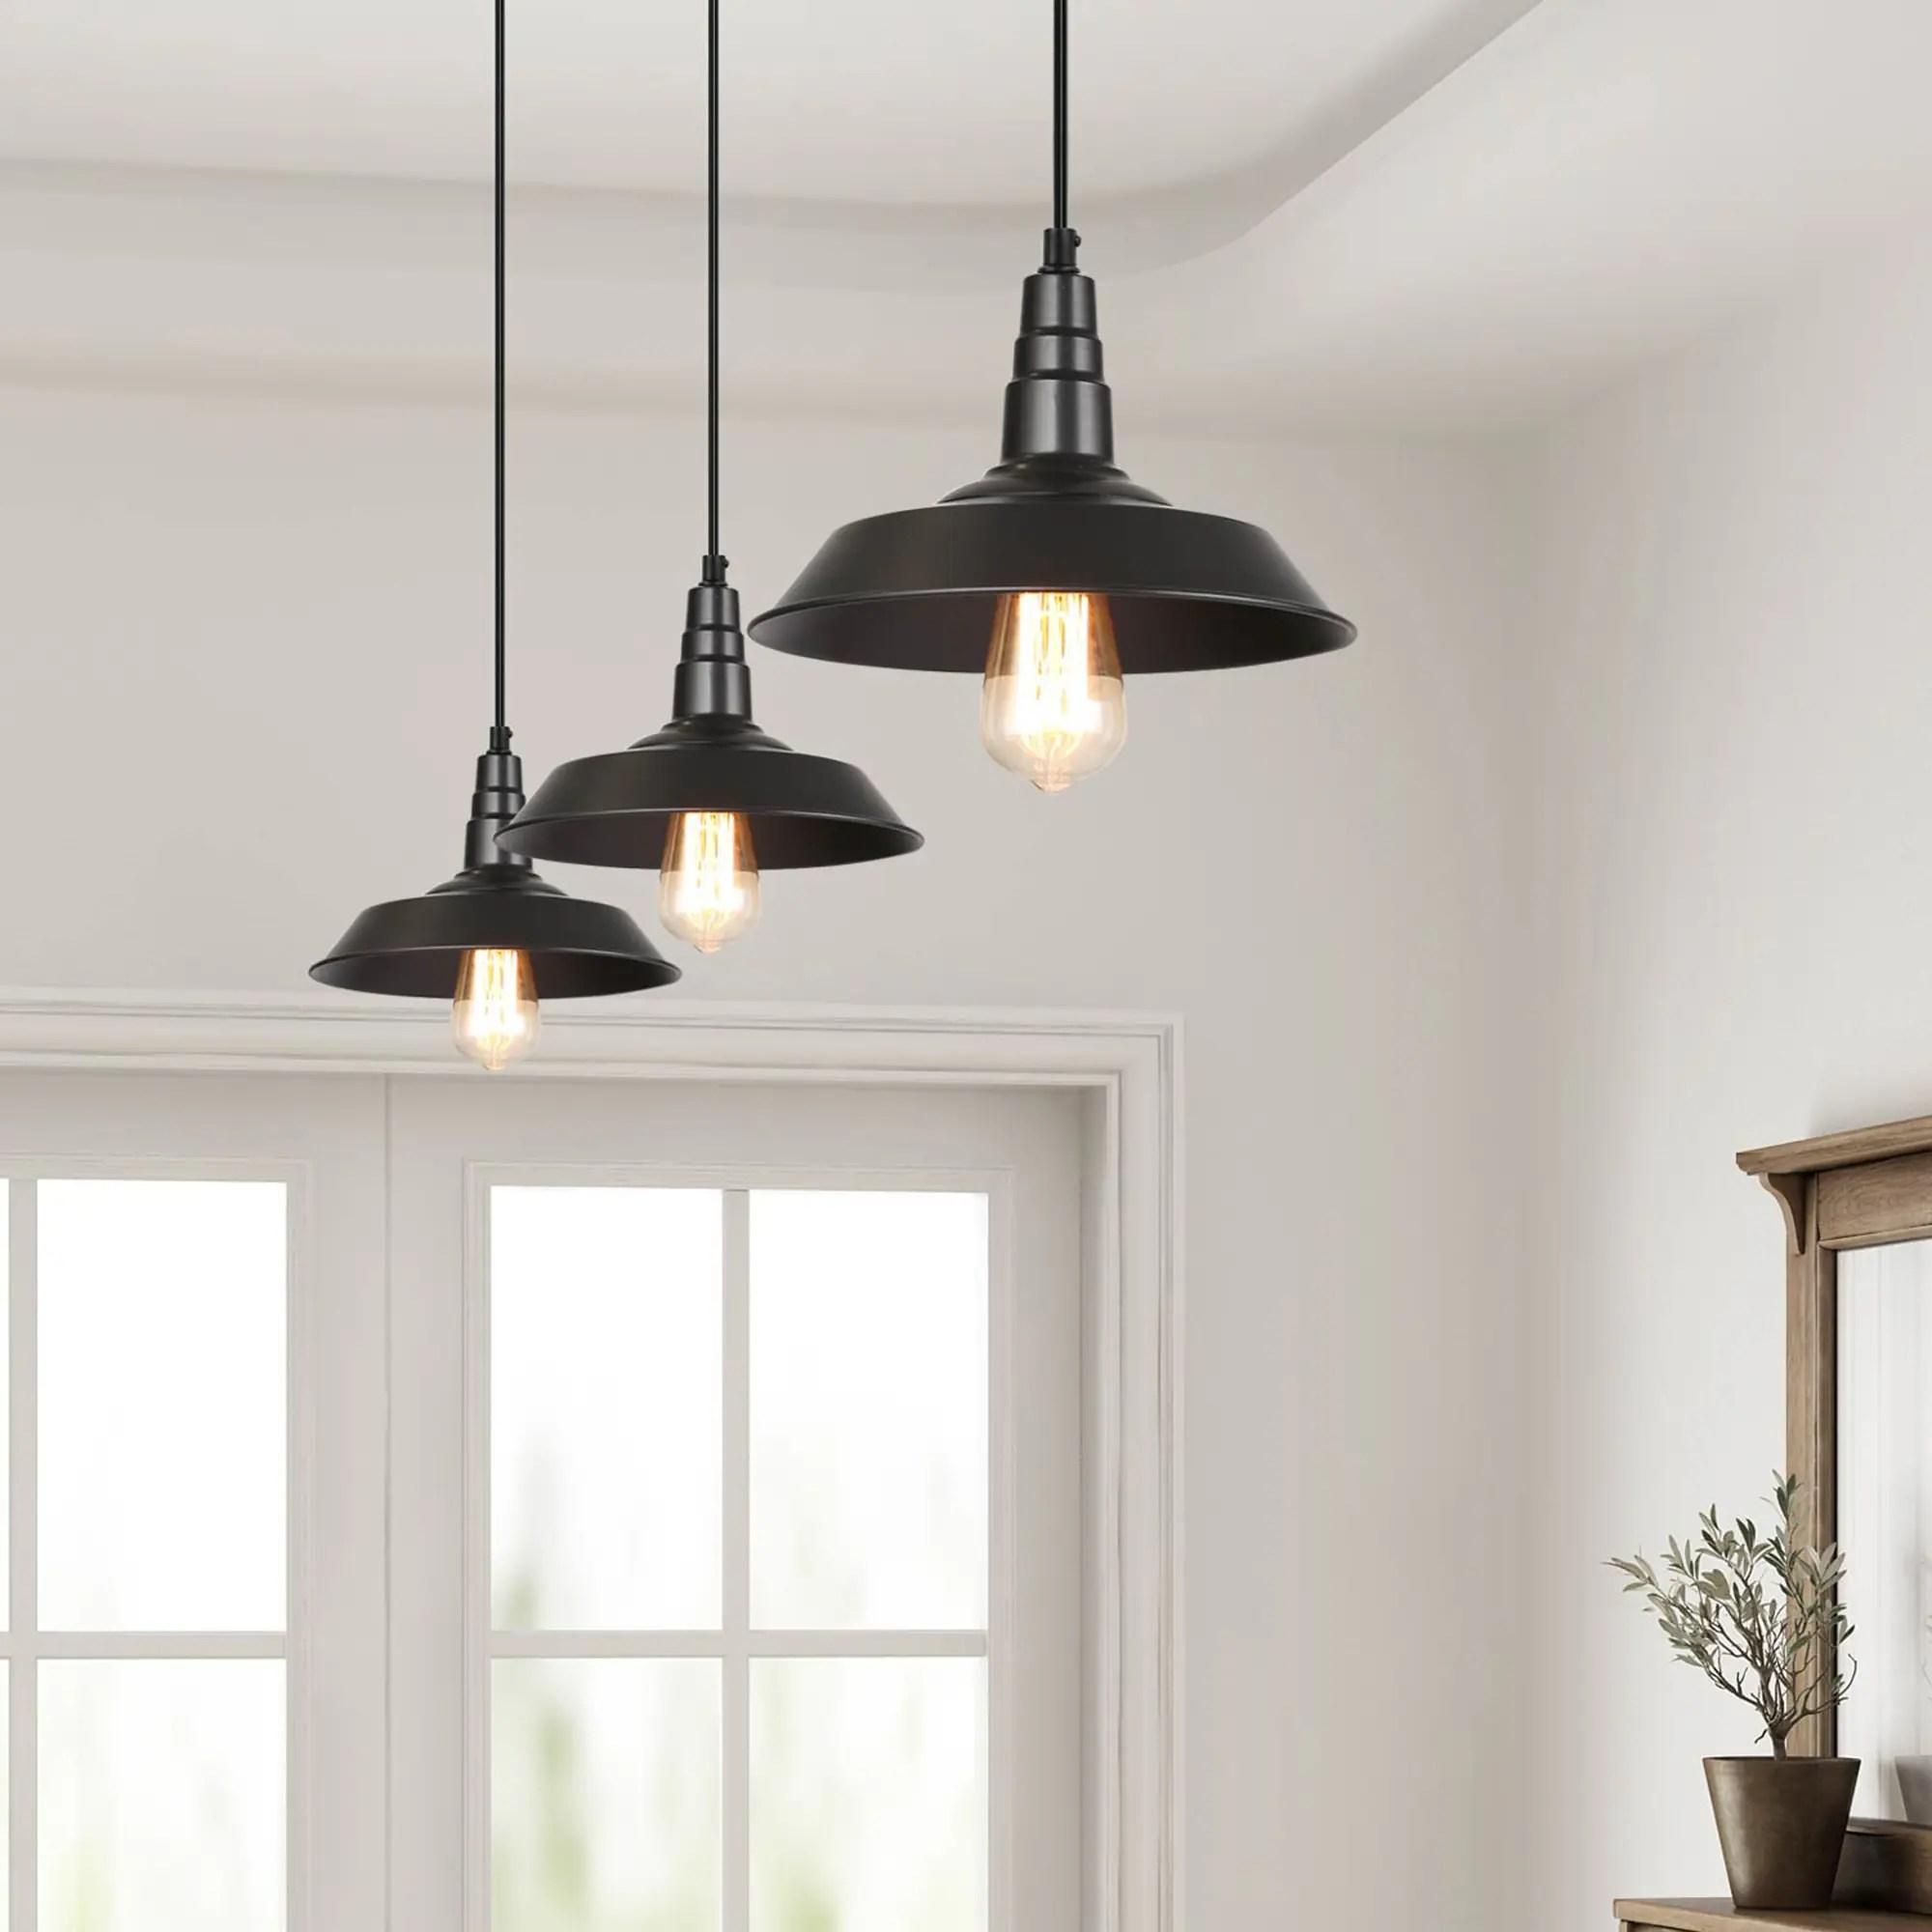 modern farmhouse 3 pack black barn pendant lighting warehouse ceiling lighting d10 2 x 6 5